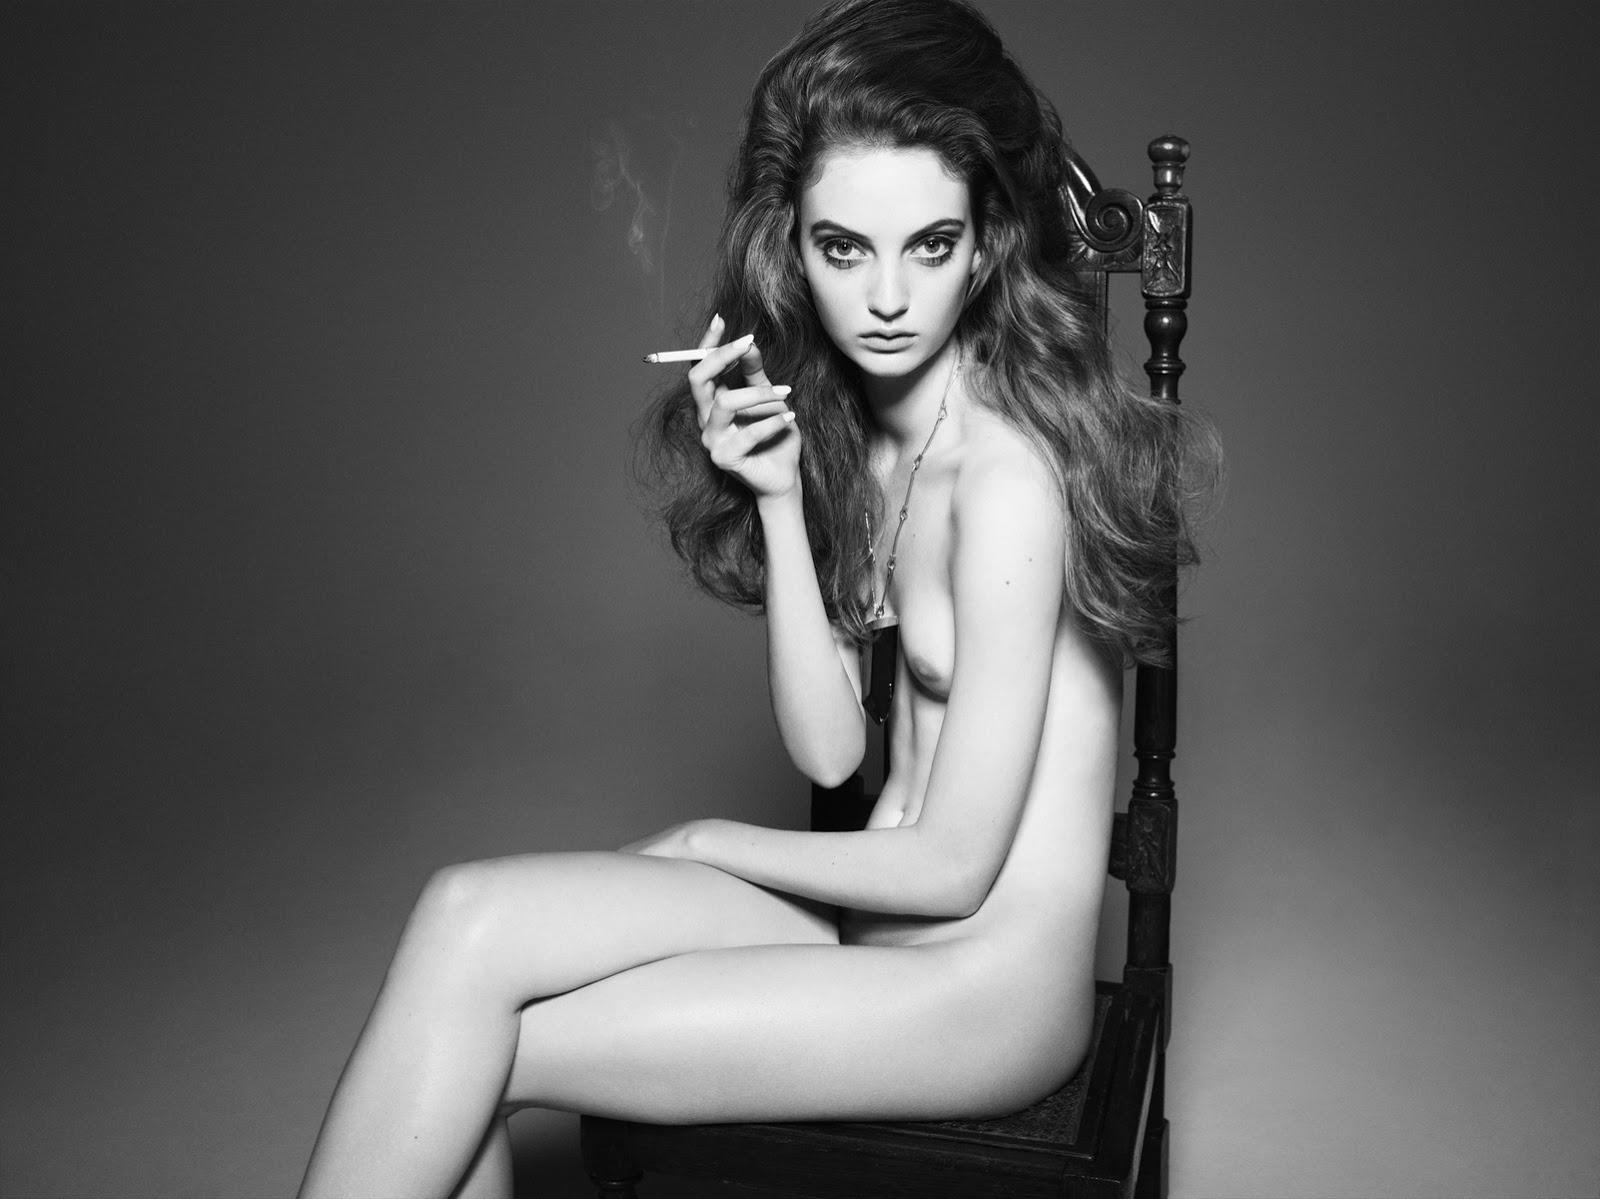 nude striptease thin model